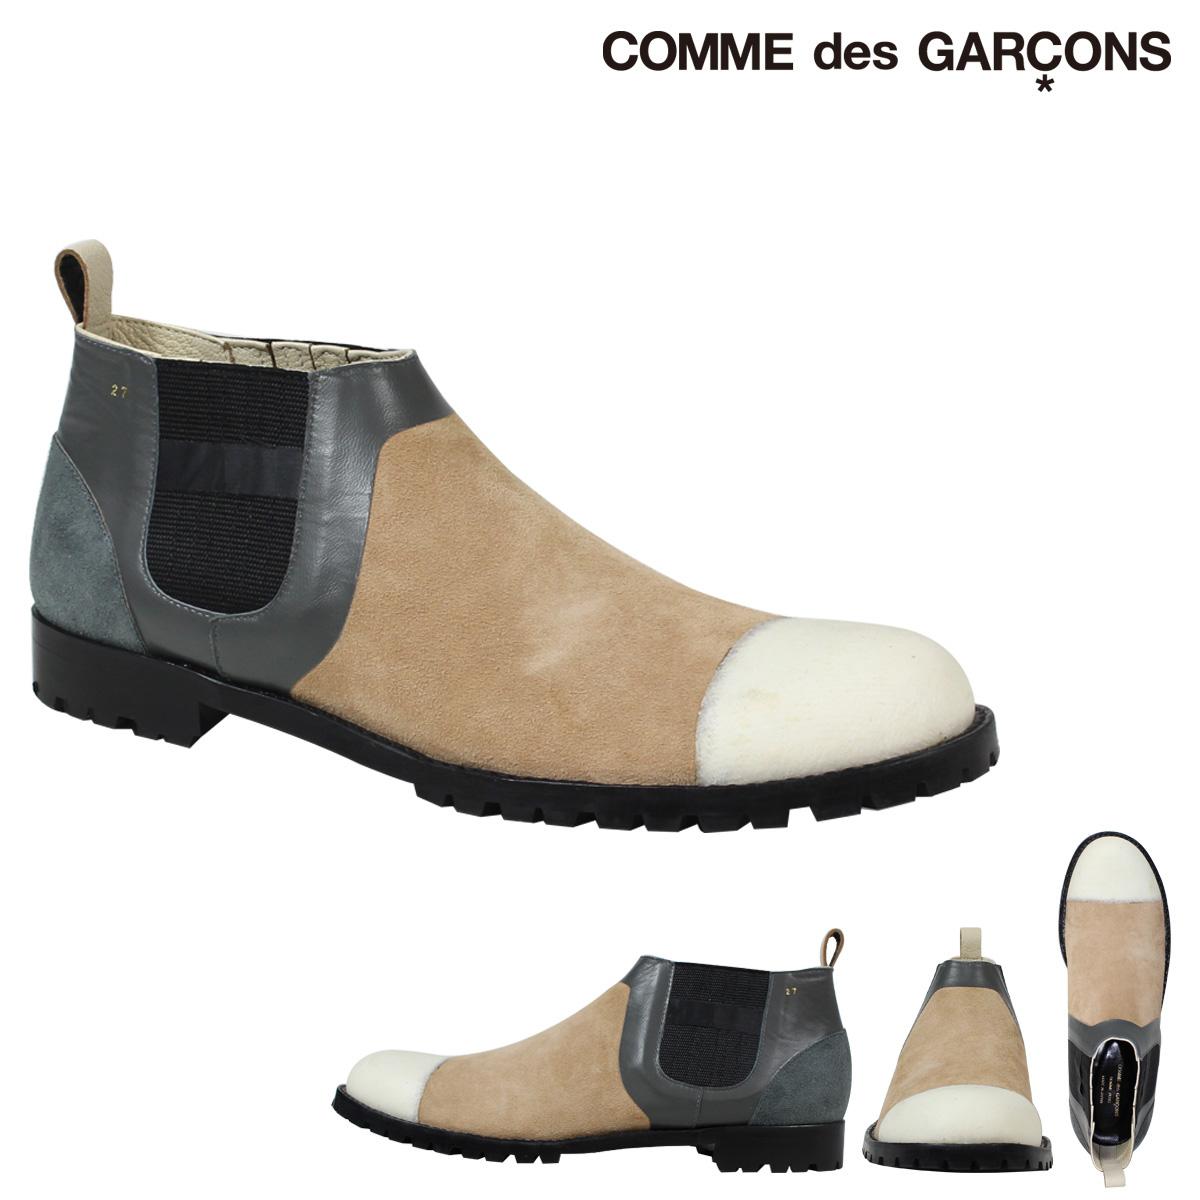 コムデギャルソン オムプリュス COMME des GARCONS HOMME PLUS サイドゴアブーツ シューズ ベージュ メンズhCQrsxtd